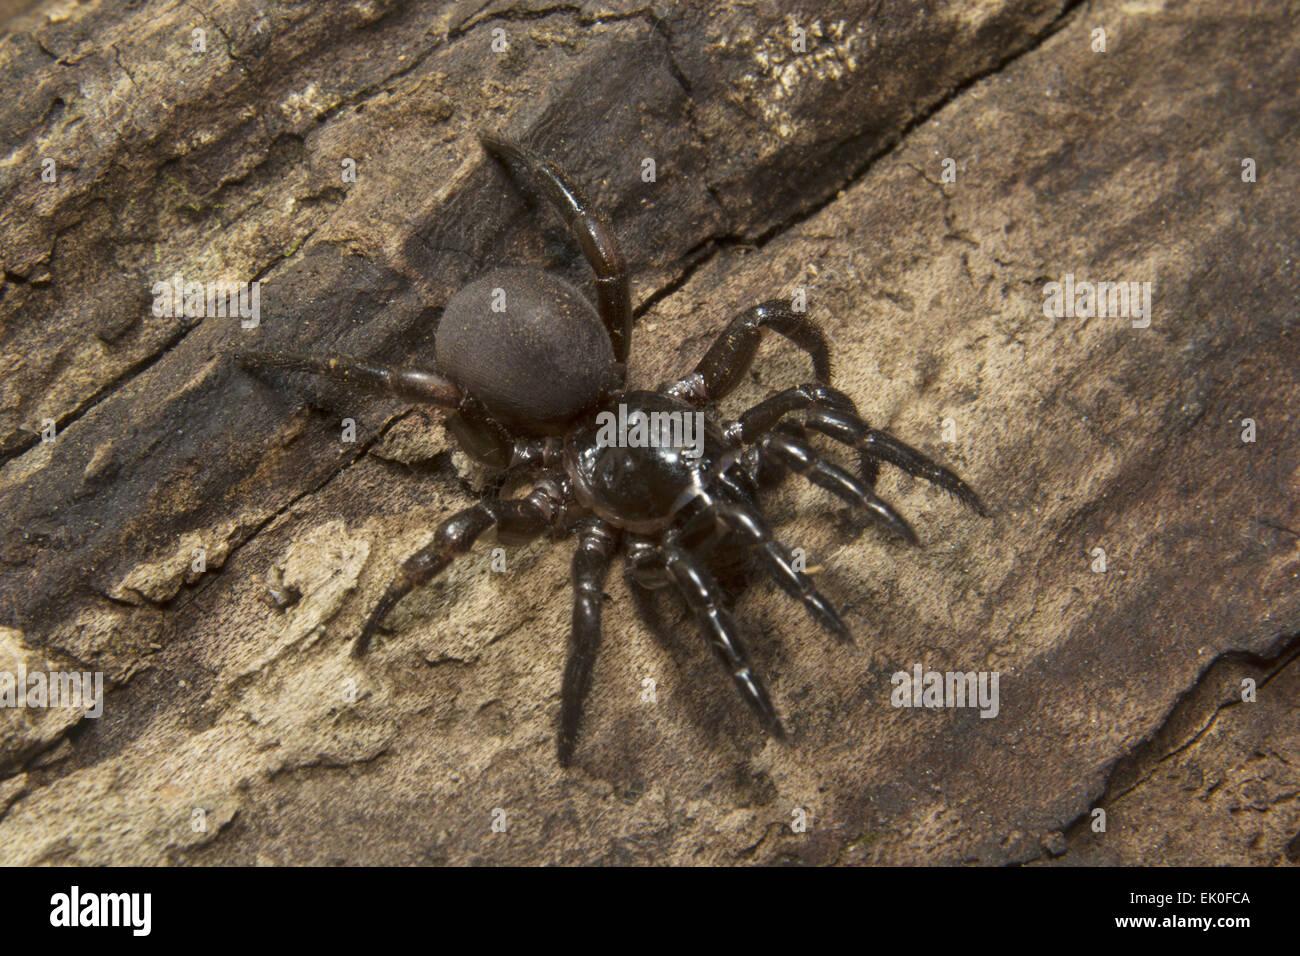 Trap door spider  Idiops sp Idiopidae Eravikulam National Park Kerala. India & Trap Door Spider Stock Photos \u0026 Trap Door Spider Stock Images - Alamy